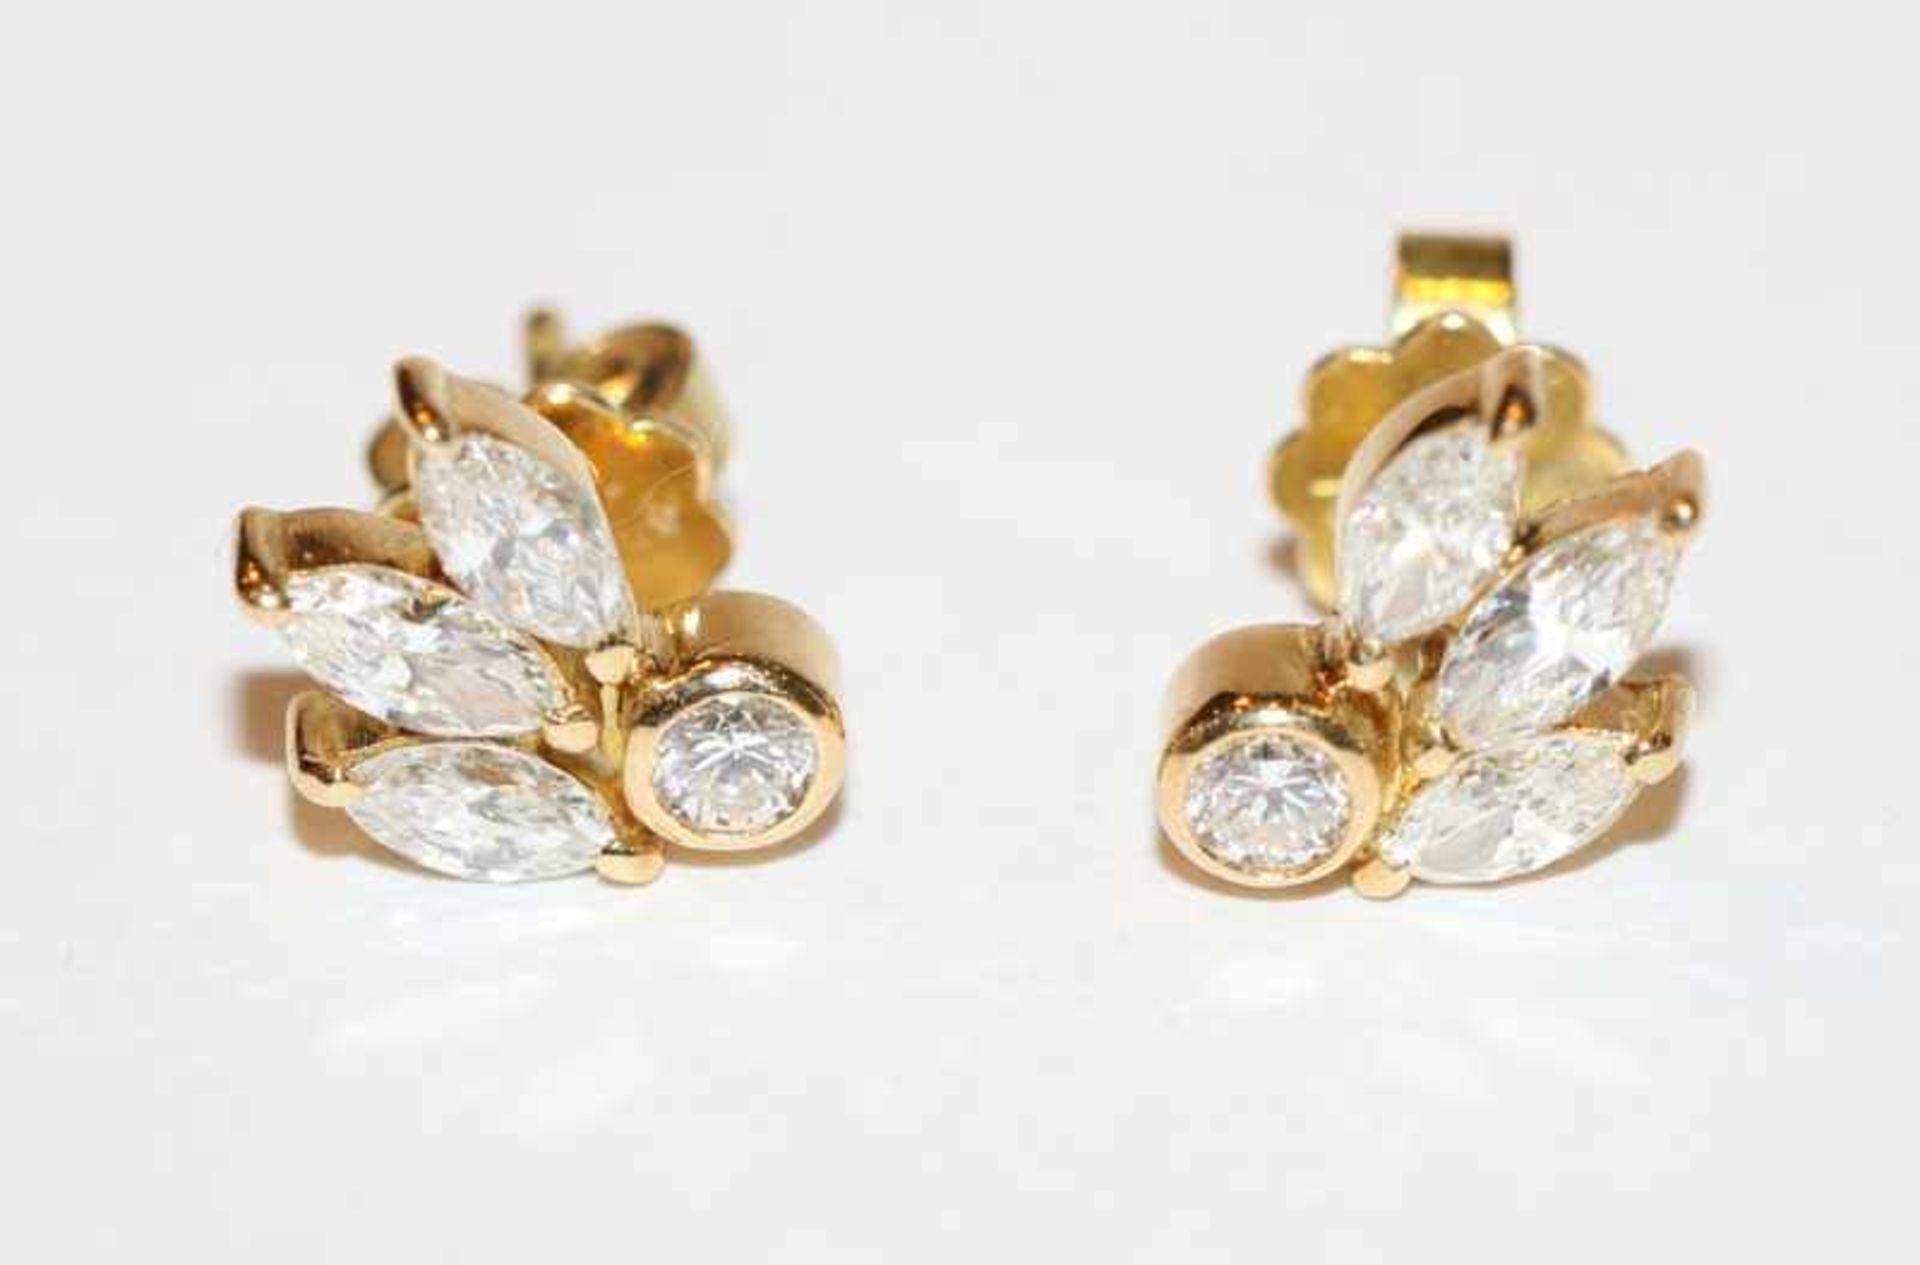 Los 12 - Paar 18 k Gelbgold Ohrstecker, je mit 3 Diamanten im Navetteschliff und 1 Diamant im